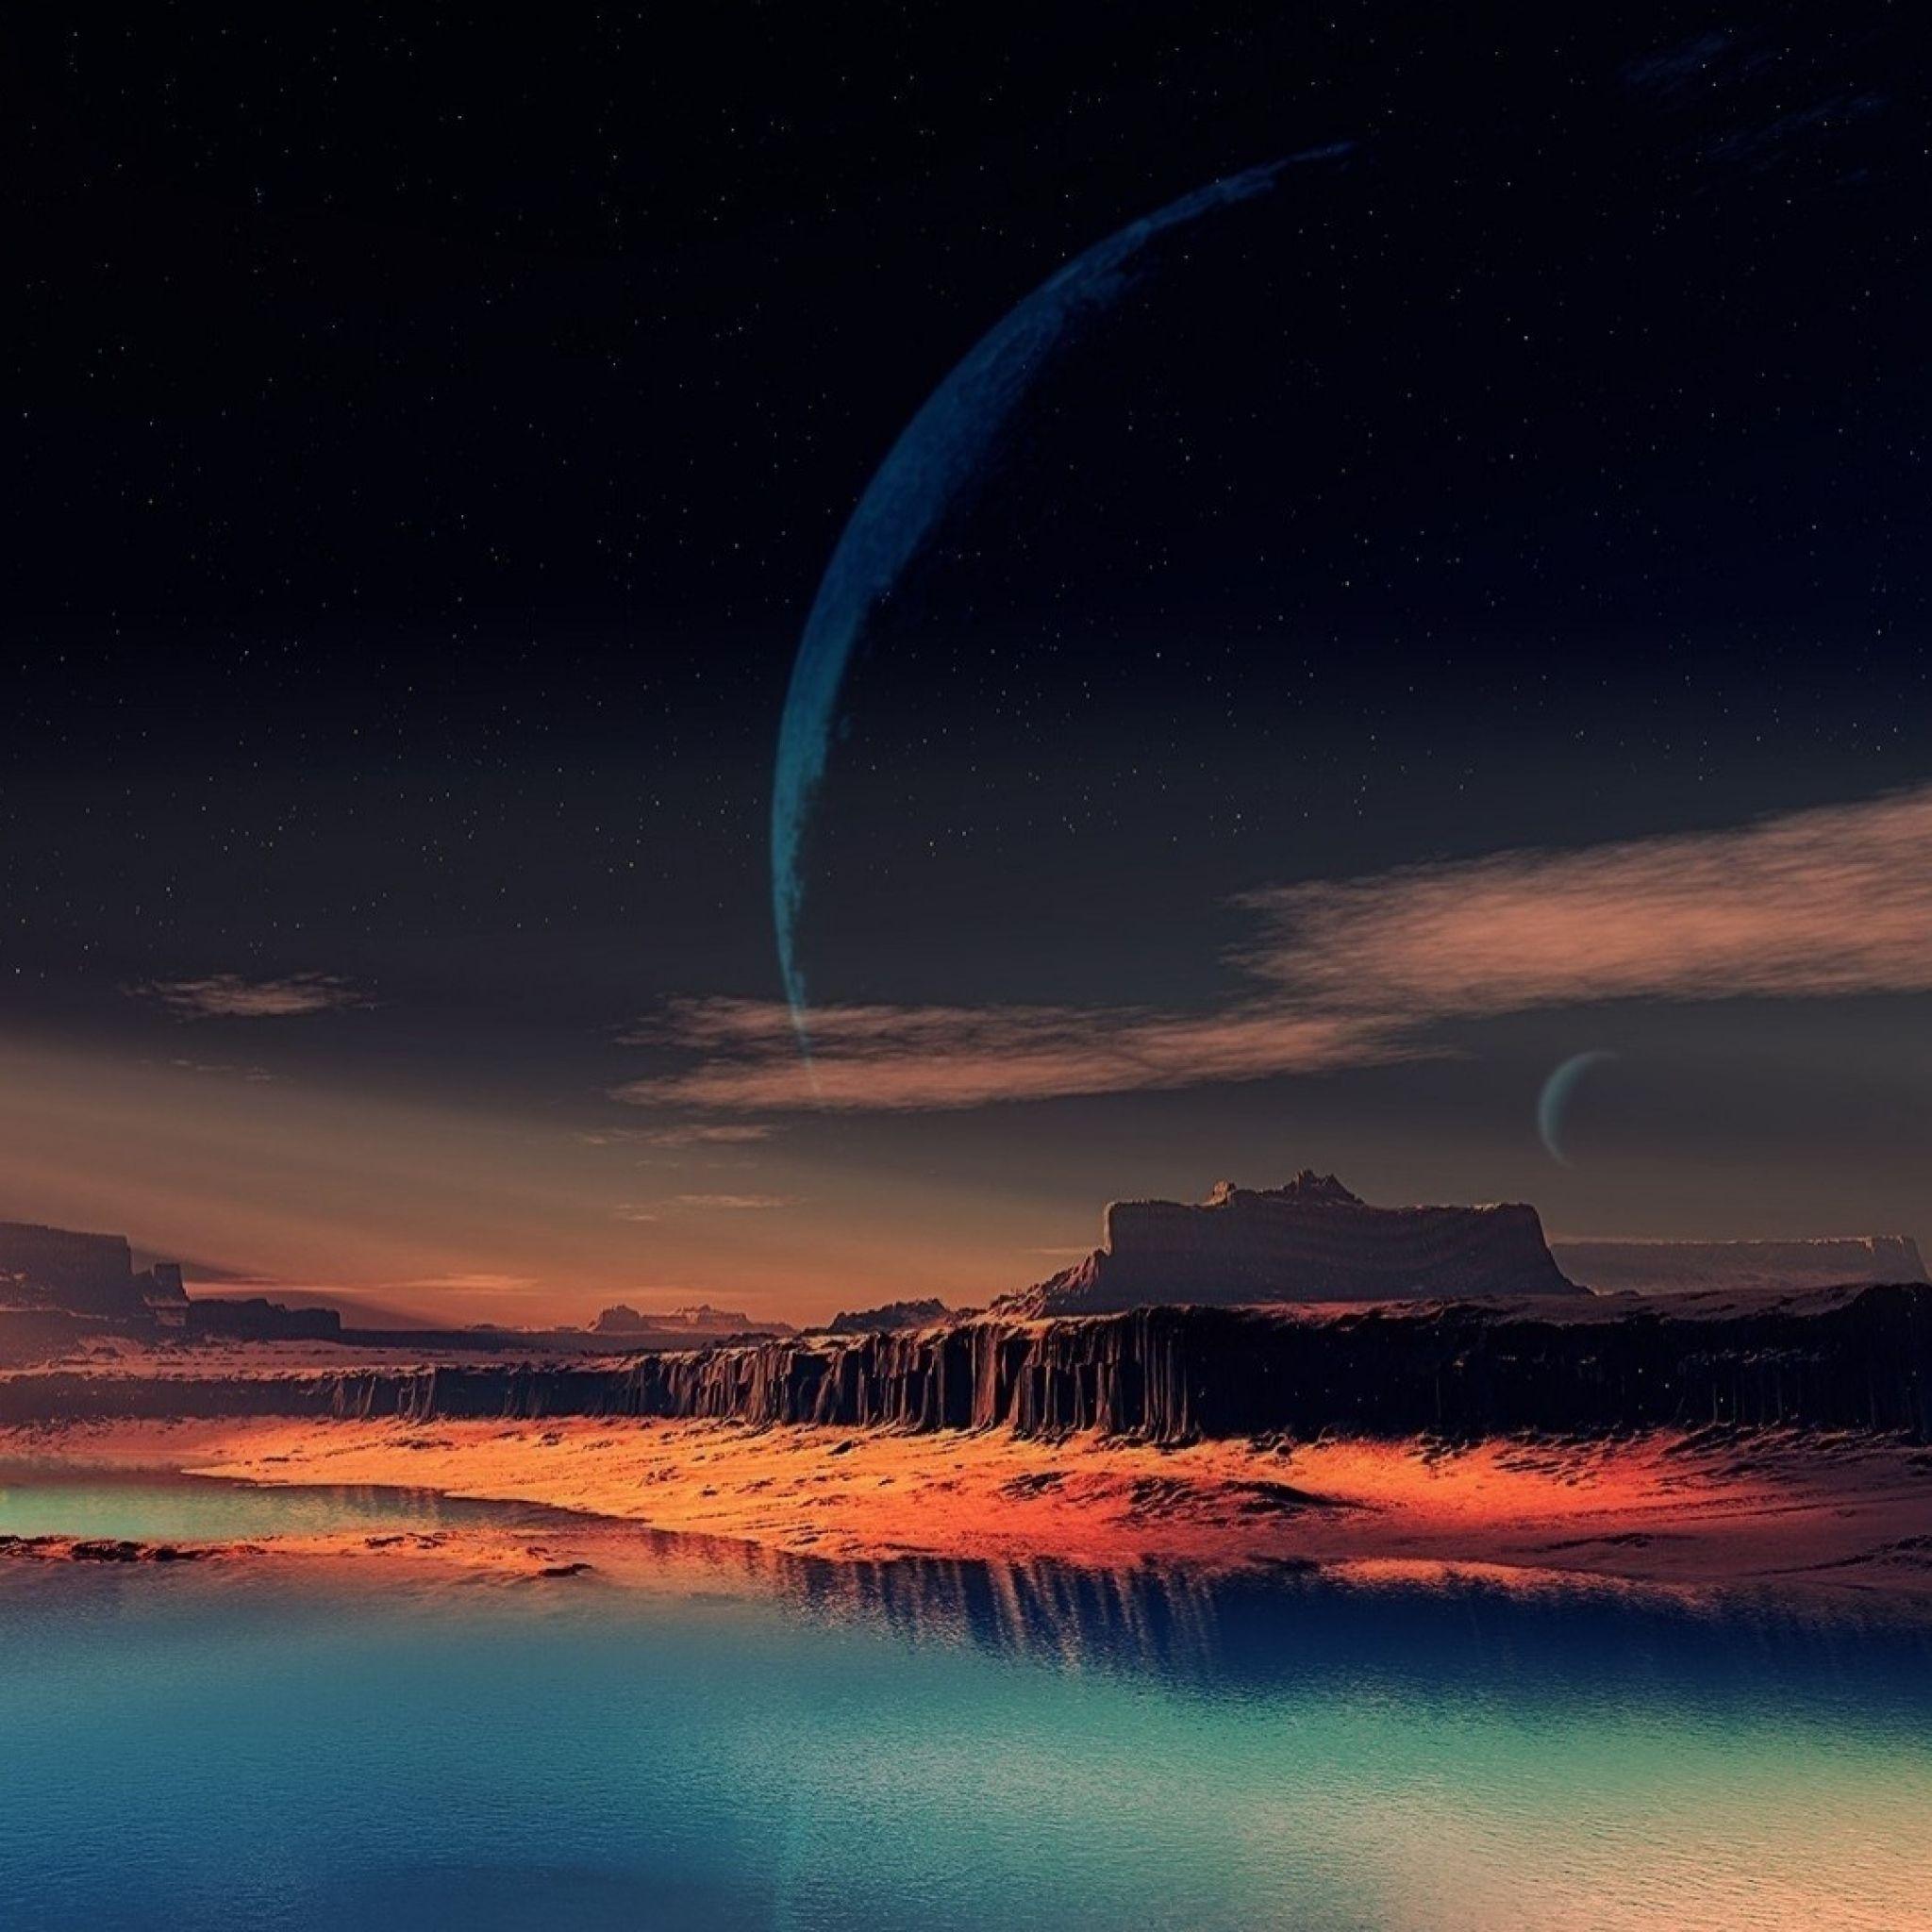 2048x2048 Wallpaper natureza, noite, espaço, bonito